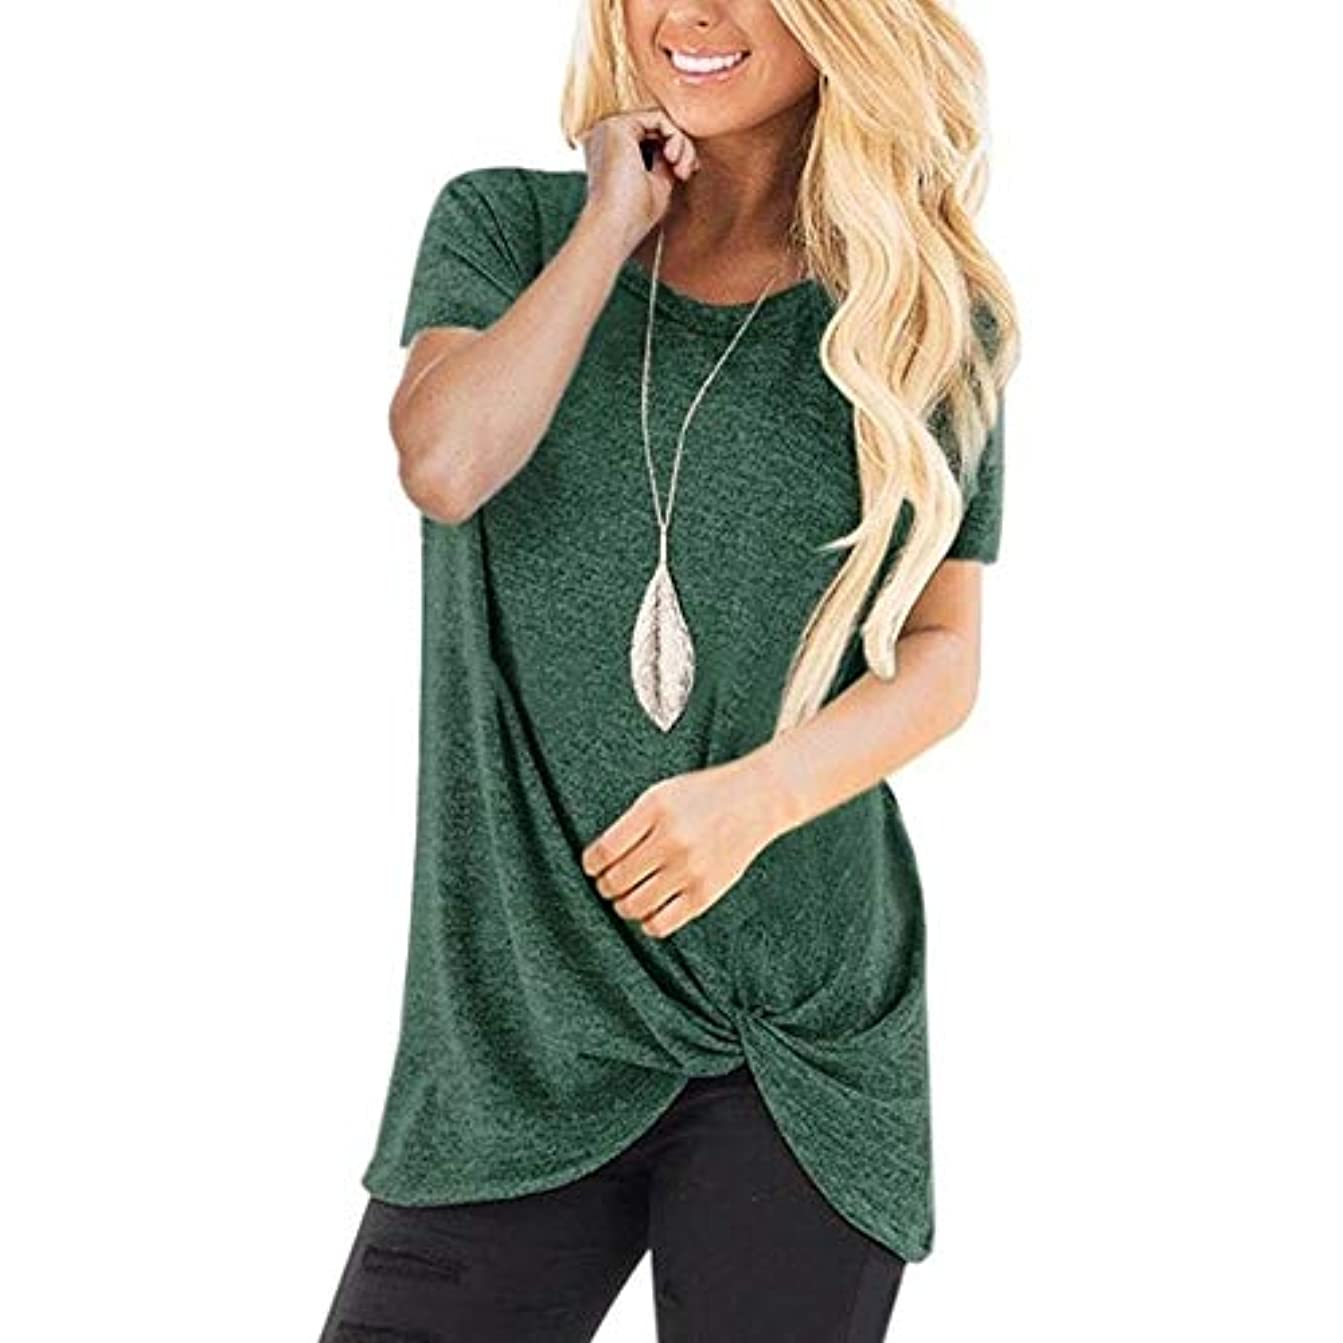 チーフ所得集団MIFAN コットンTシャツ、カジュアルTシャツ、レディースブラウス、トップス&Tシャツ、プラスサイズ、ルーズtシャツ